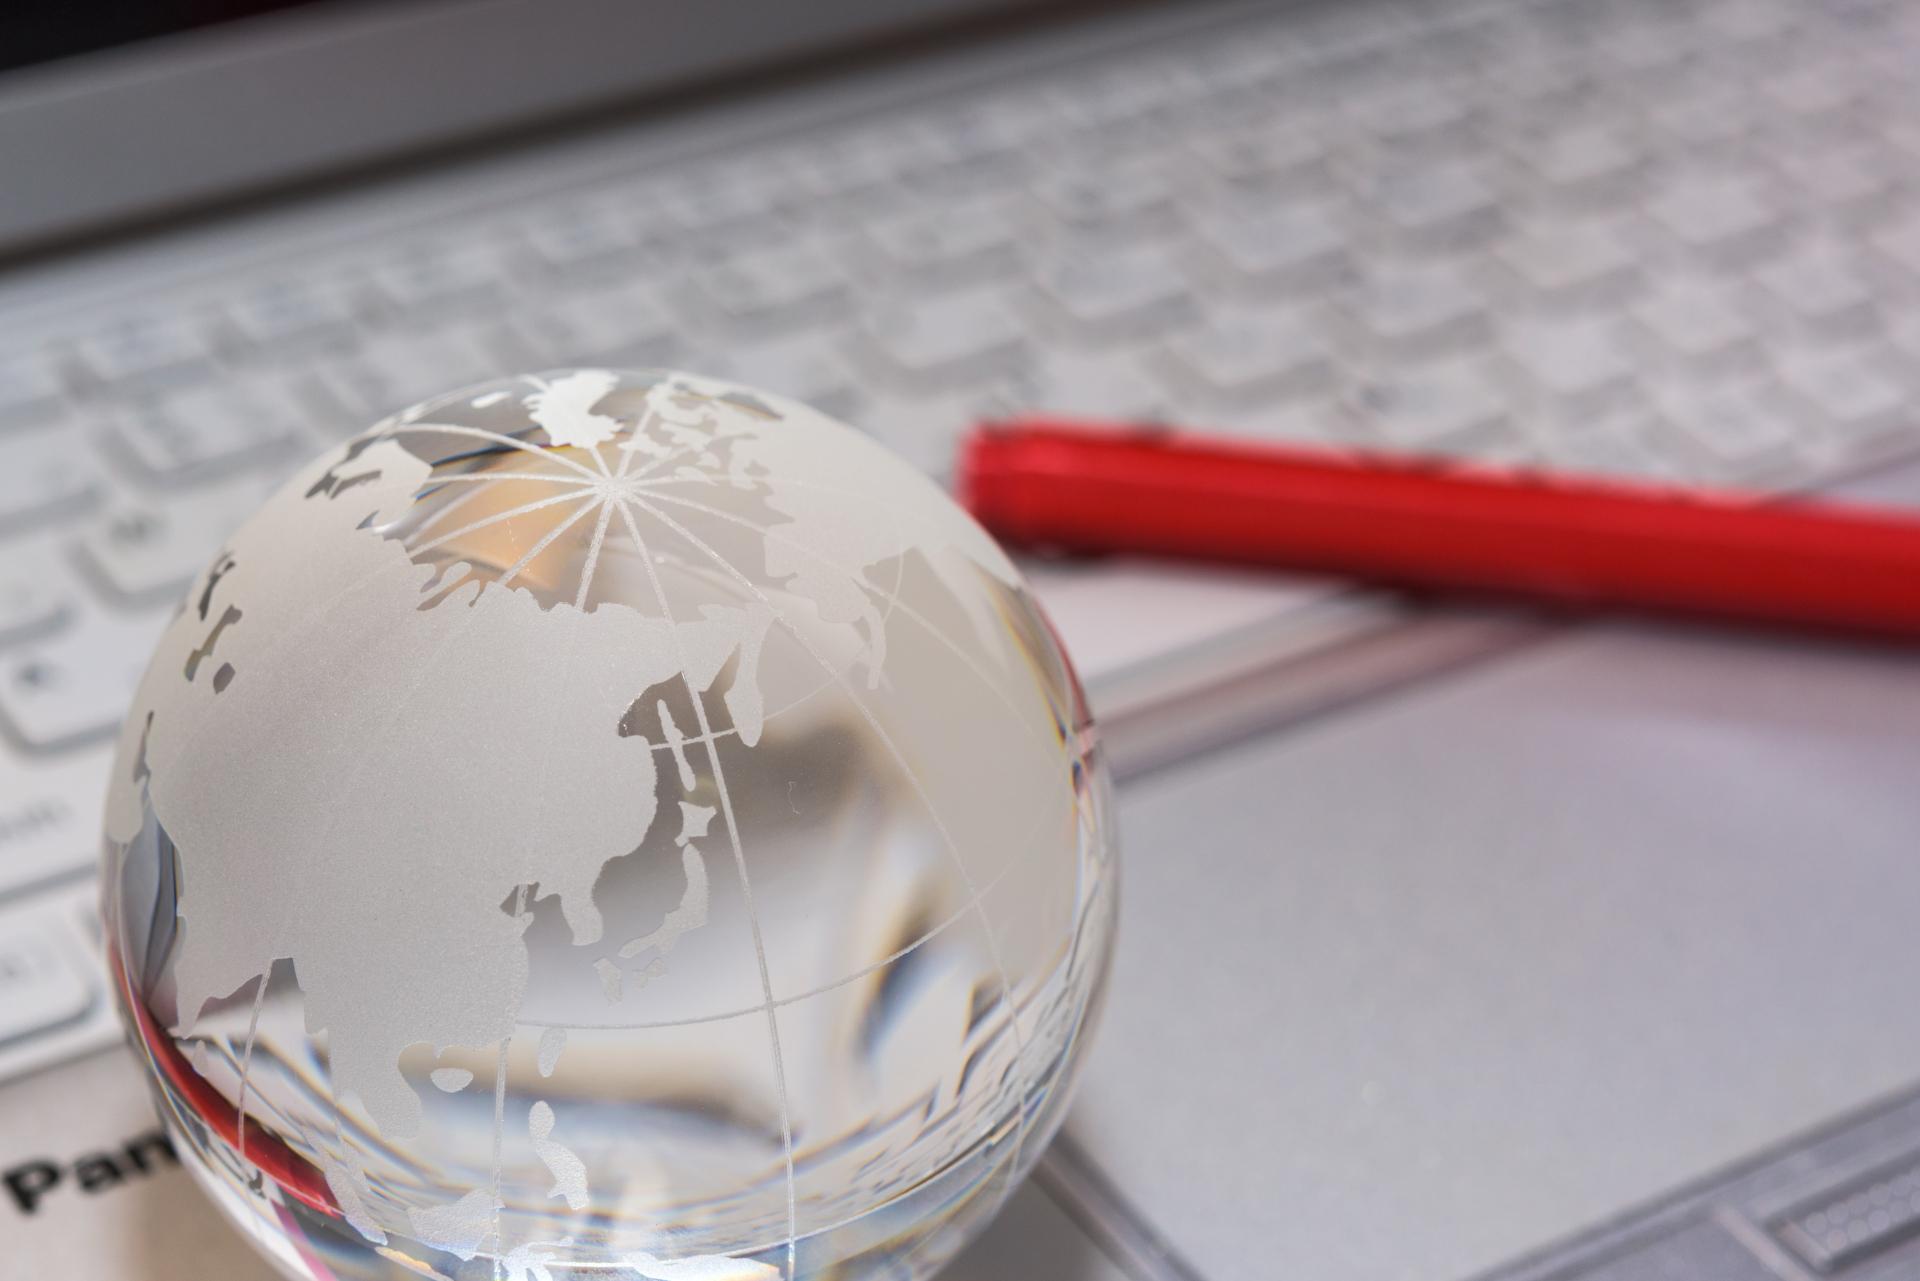 海外のセレクトショップが集まるECサイトが日本市場に進出 Farfetch